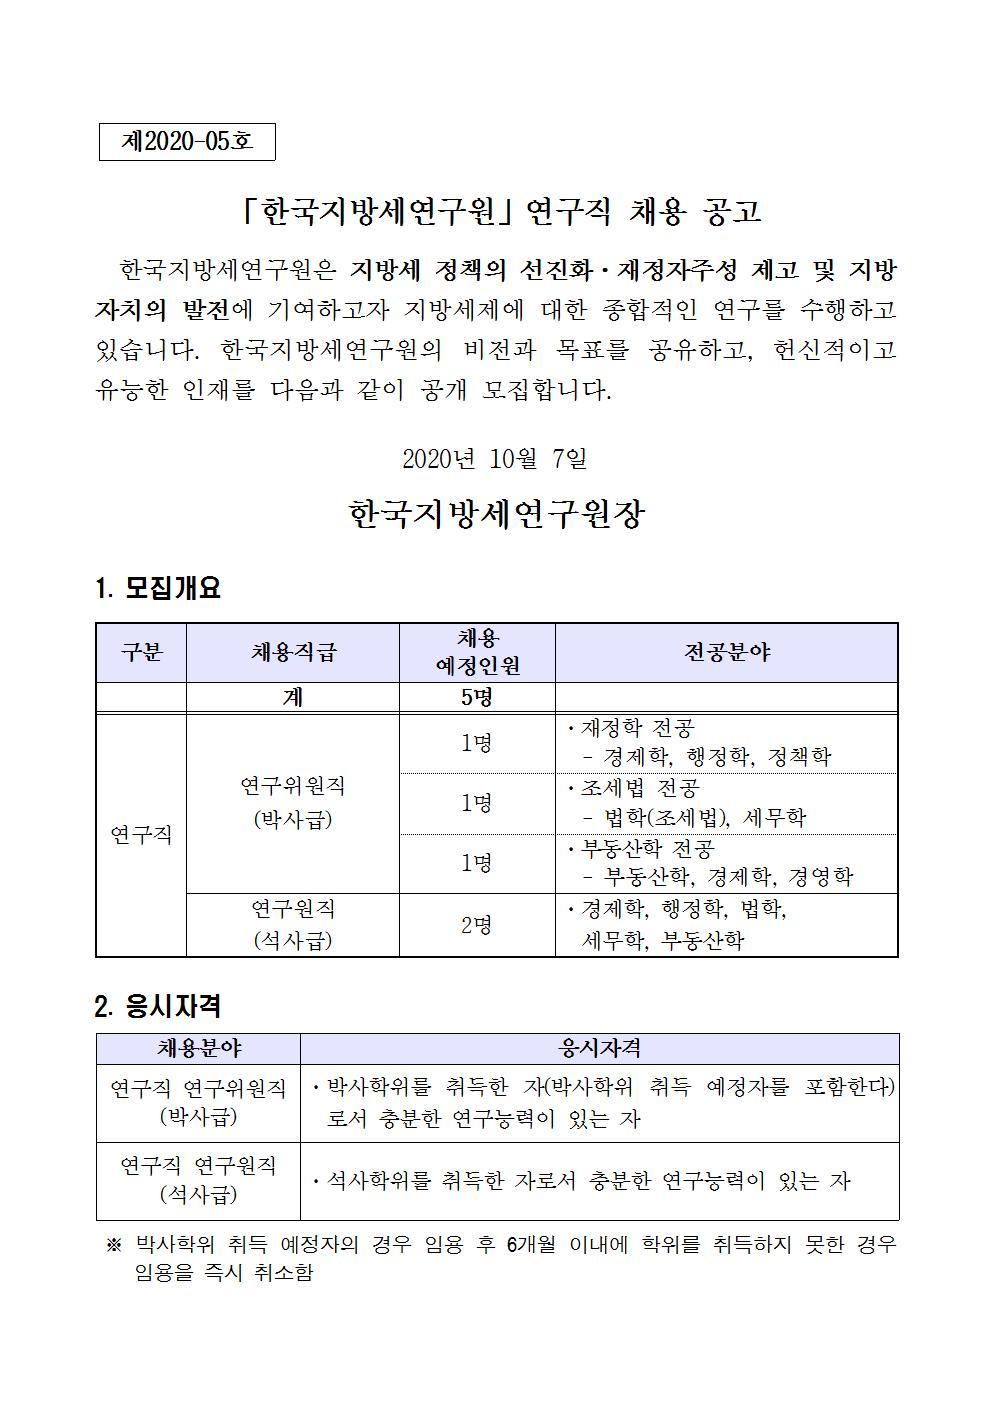 (공고문) 한국지방세연구원 연구직 채용 공고001.jpg